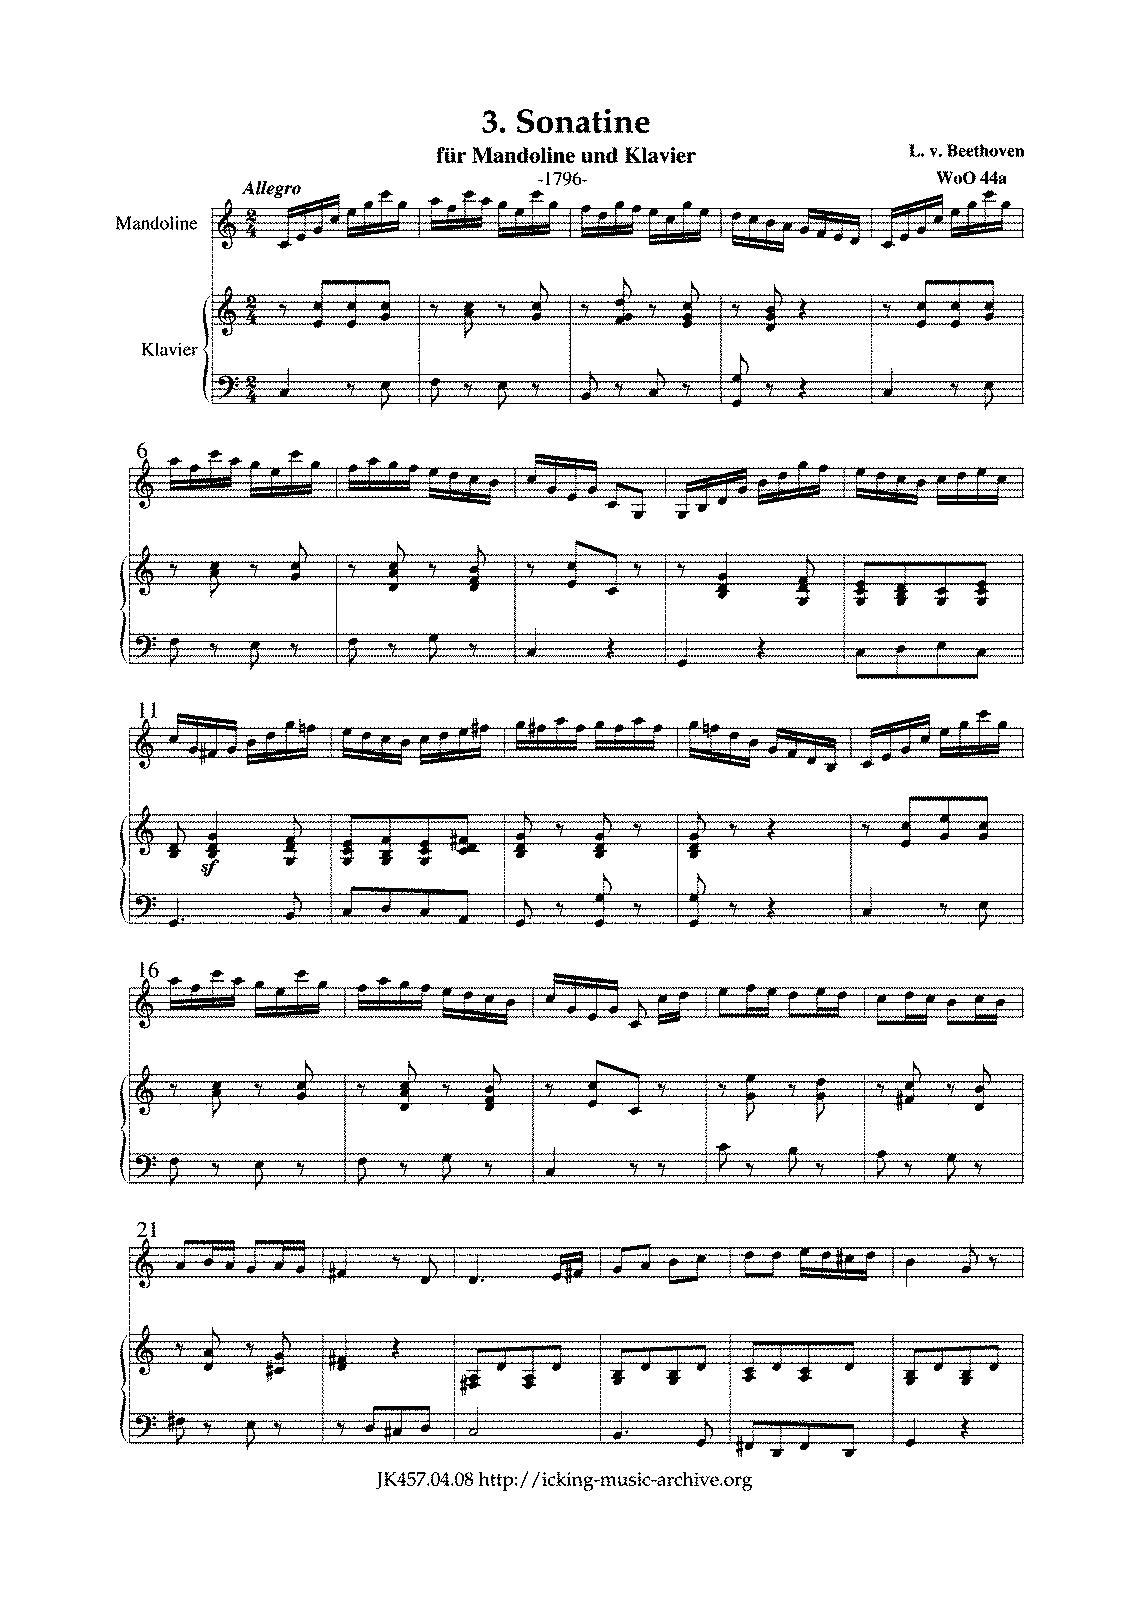 Sonatina for Mandolin and Piano WoO 44a Beethoven Ludwig van – Beethoven Worksheet